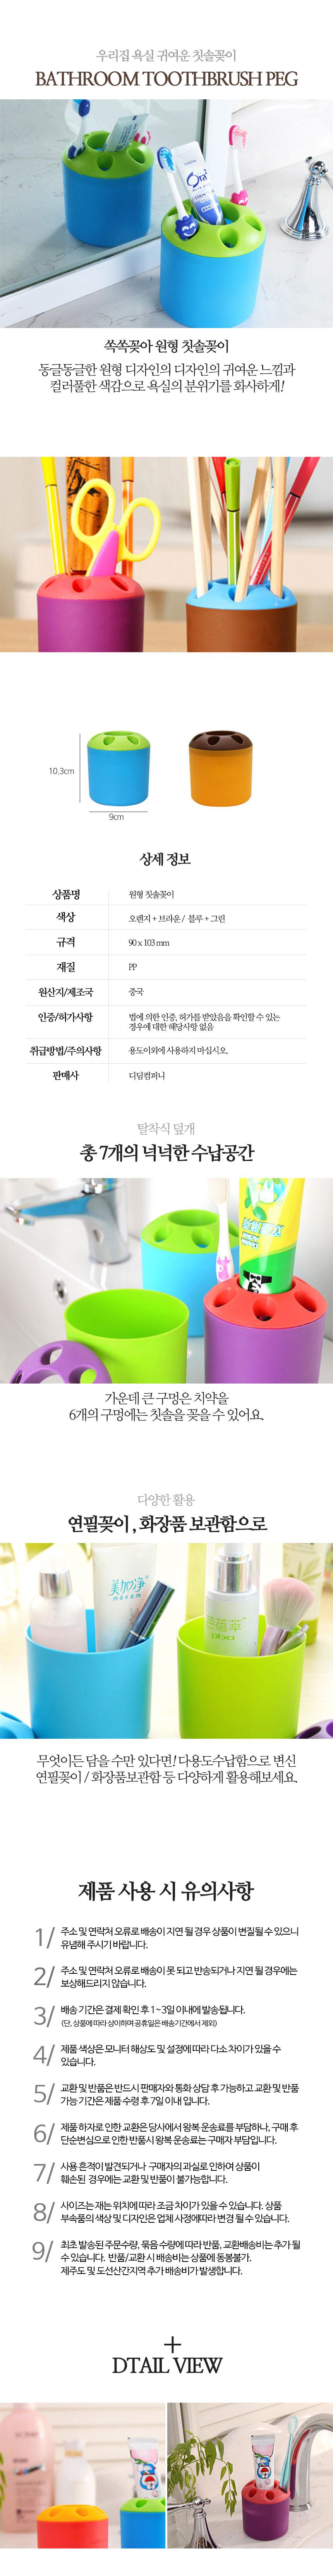 원형 칫솔꽂이 2종 택1 - 룸바이디자인, 7,400원, 정리용품/청소, 욕실선반/걸이